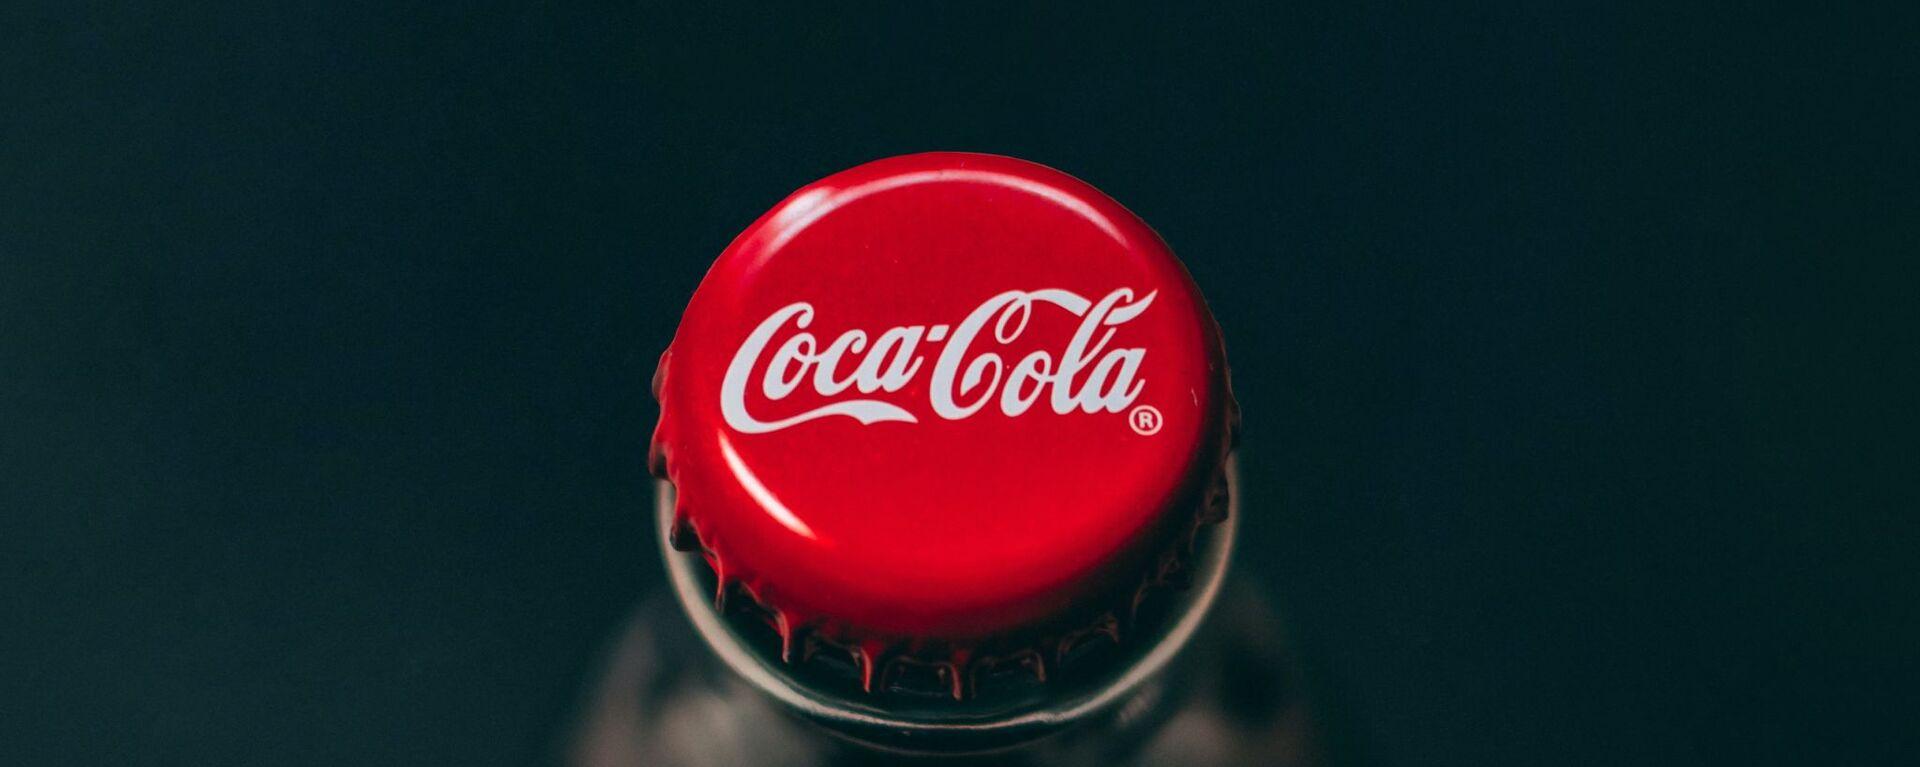 Coca-Cola - Sputnik Mundo, 1920, 06.08.2020